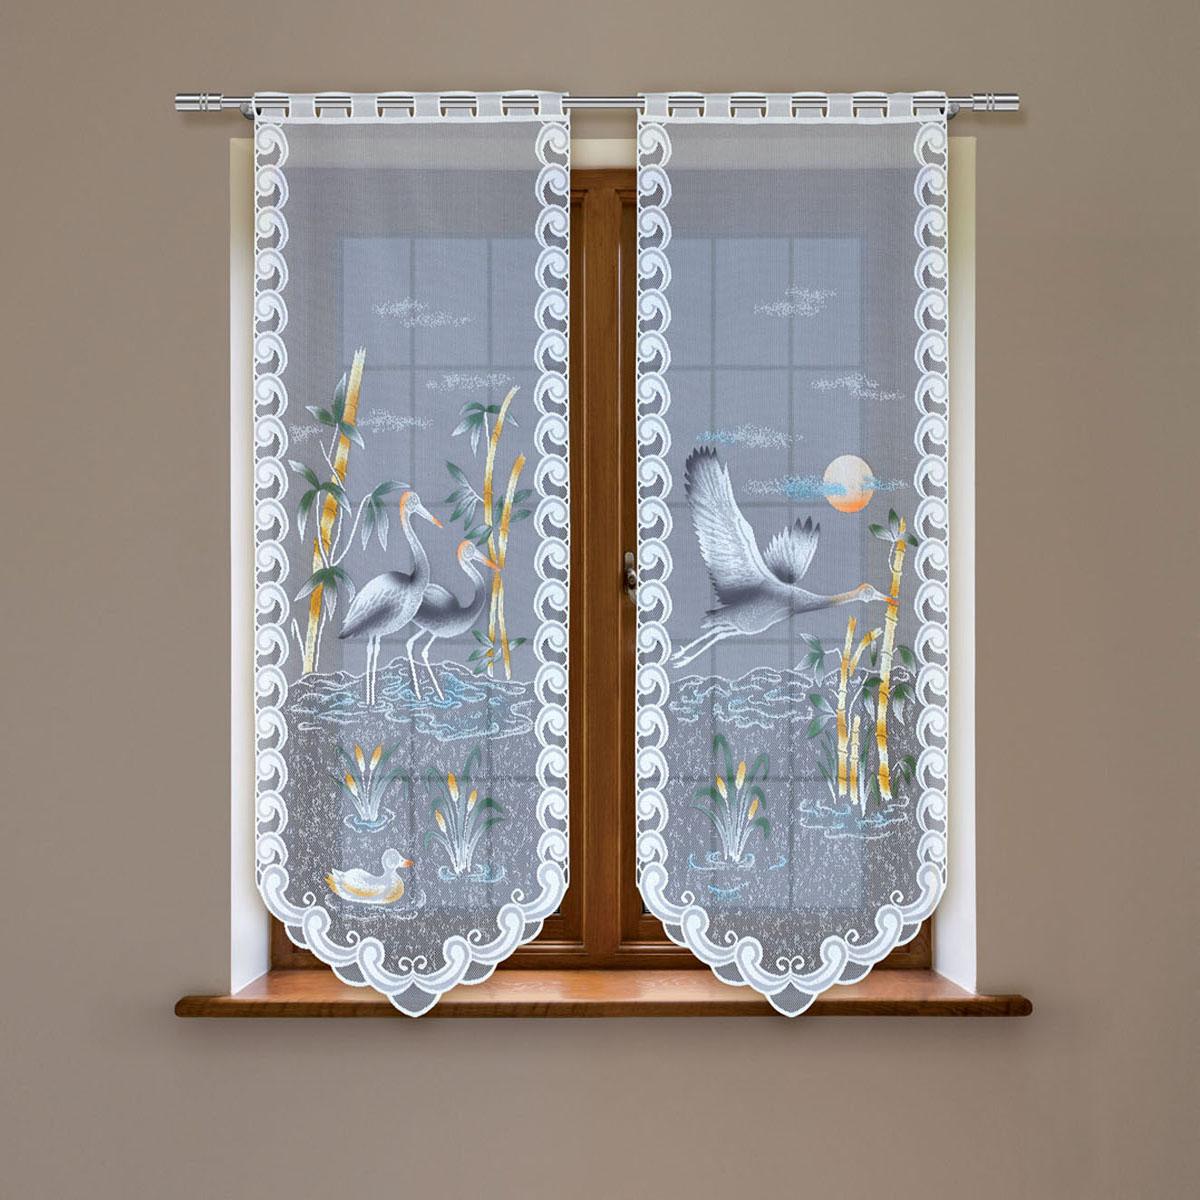 Гардина Haft, цвет: белый, высота 220 см. 4247Е/6098299571Гардина имеет в верхней части полотна прорези, через которые гардина-витраж вывешивается на карниз или можно крепить на зажим для штор,котрый в комплект не входит.Комплект состоит из двух полотен (выс.220* шир.60) Размеры: (высота 220* ширина 60)*2